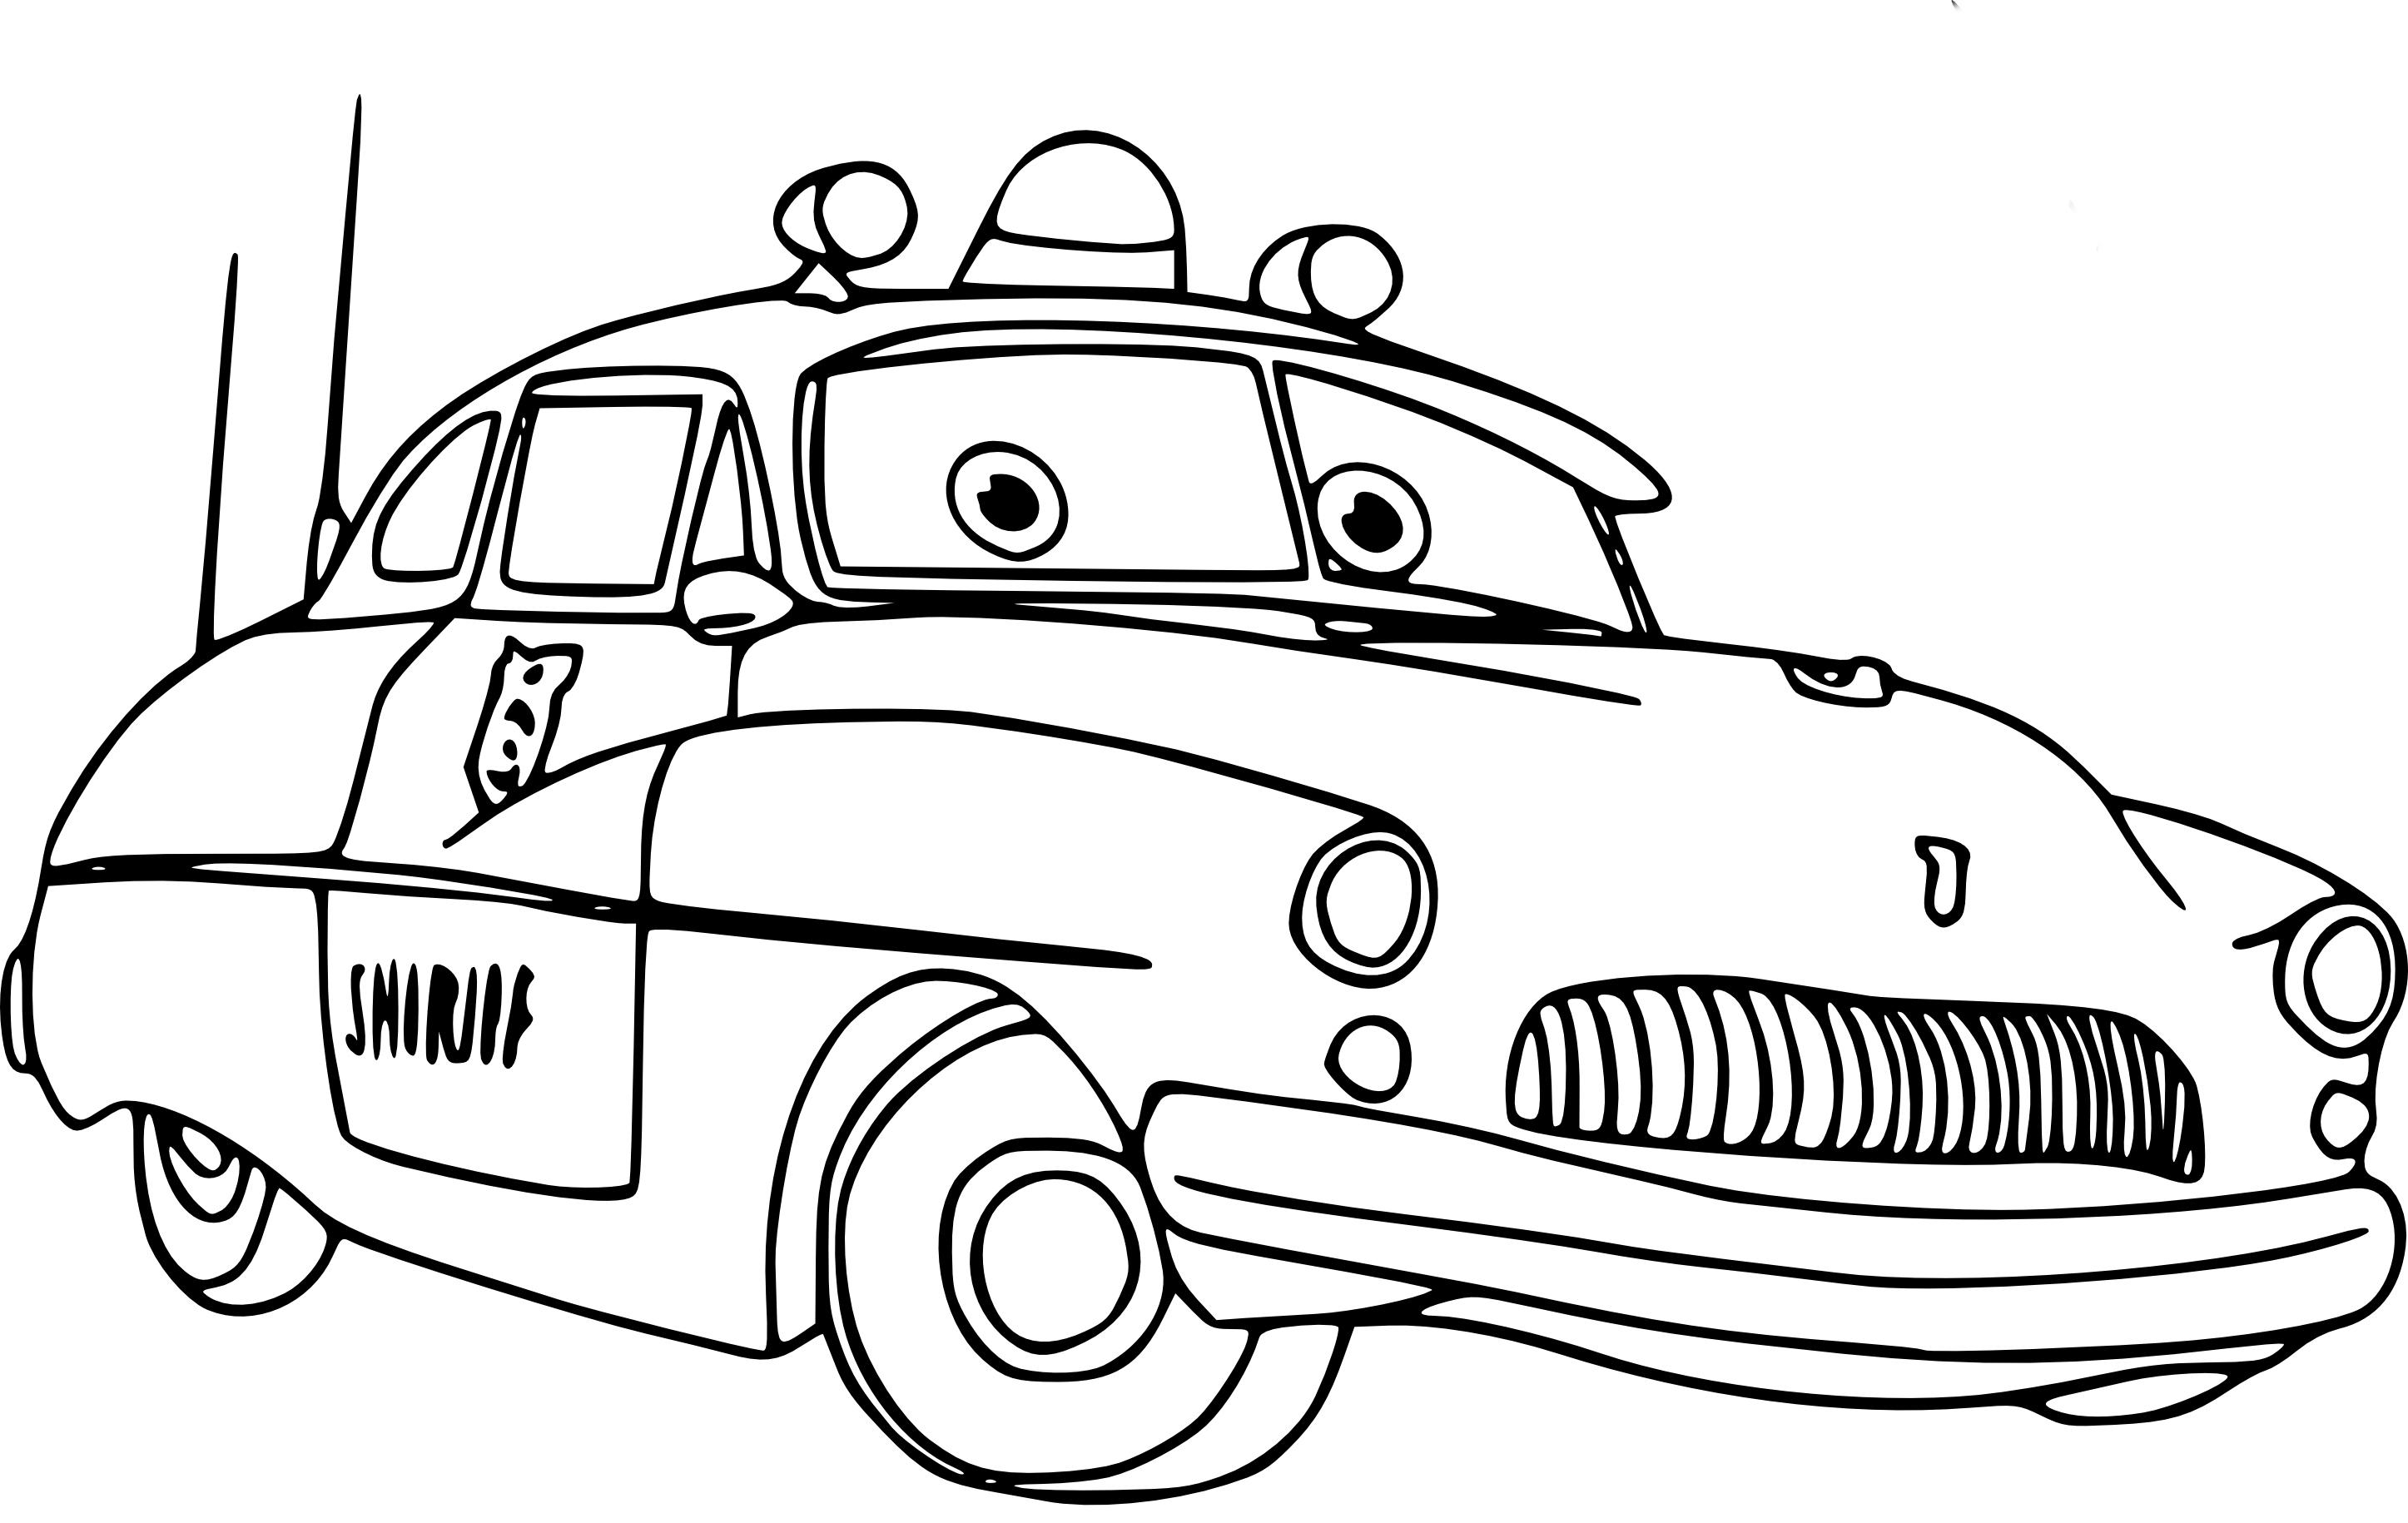 Coloriage Sheriff (Cars) À Imprimer Et Colorier concernant Coloriage Cars